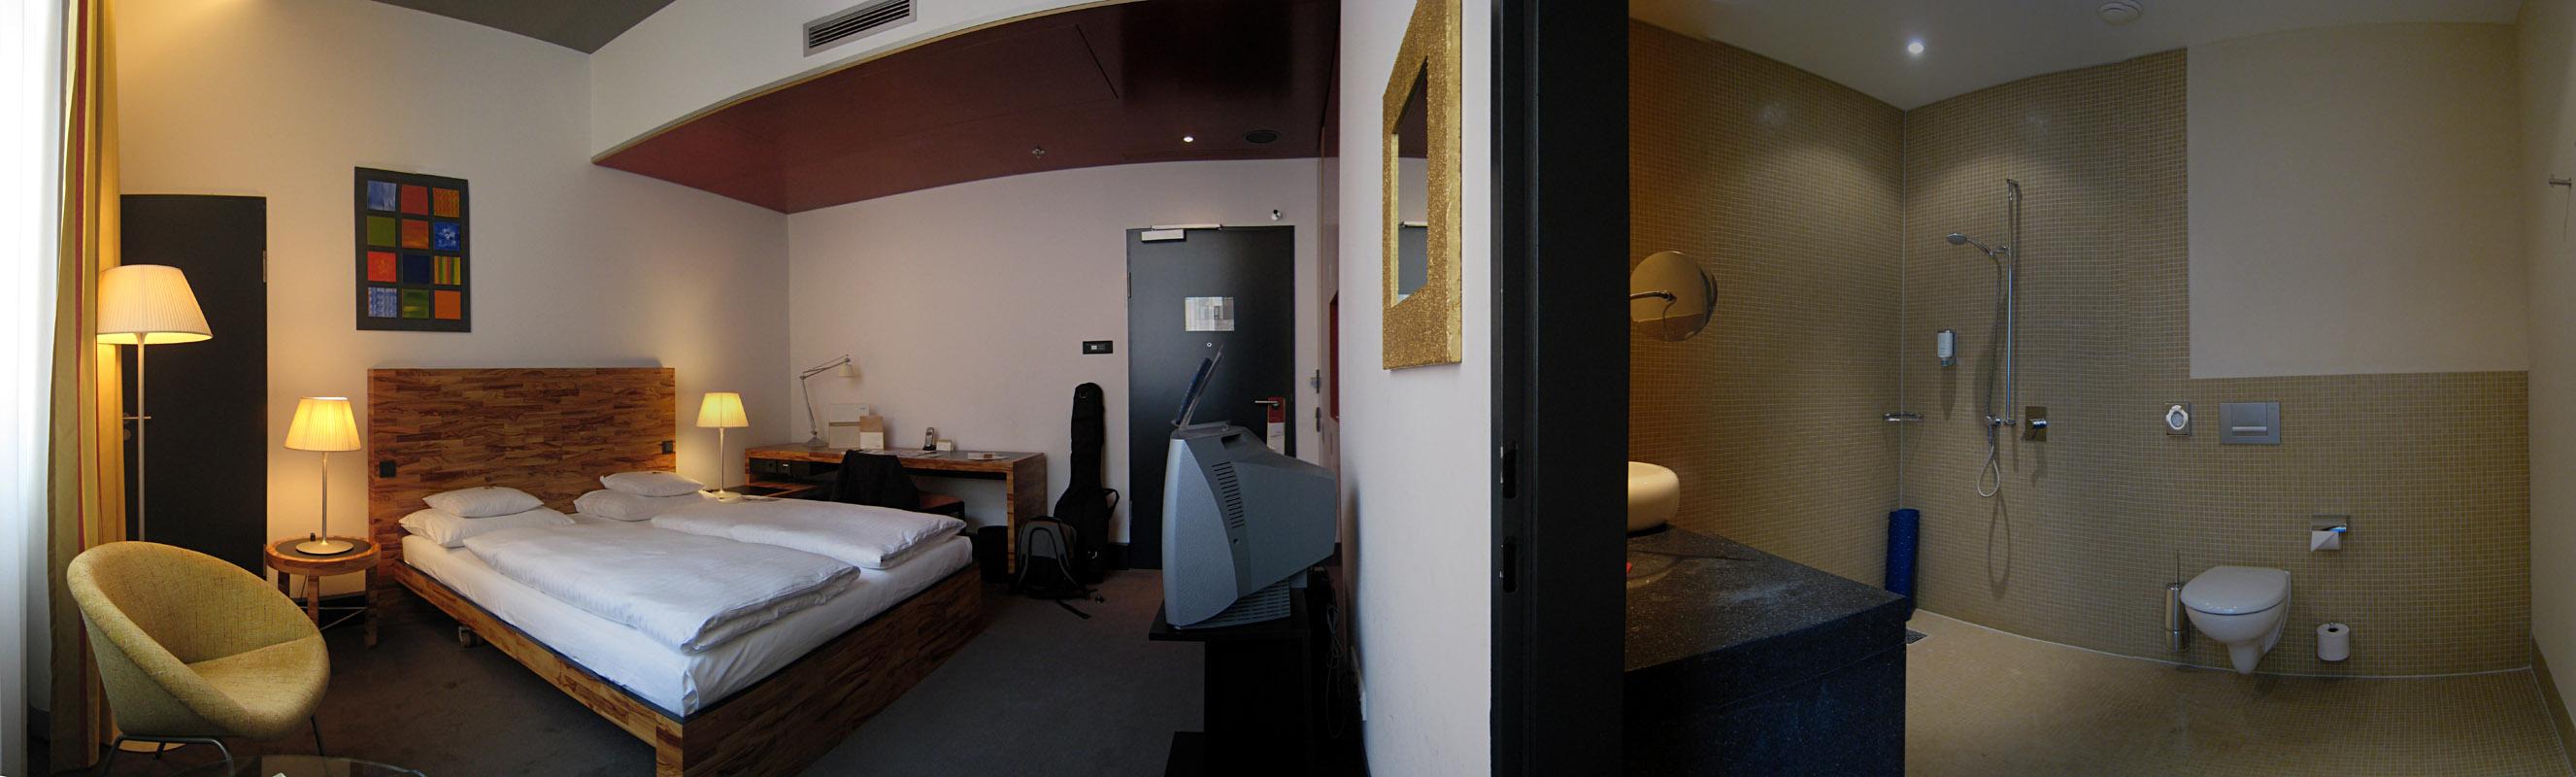 Hotel Berlin Dusche Im Zimmer : Ein Beitrag zum Themengebiet Hotels , geschrieben am 20. August 2007